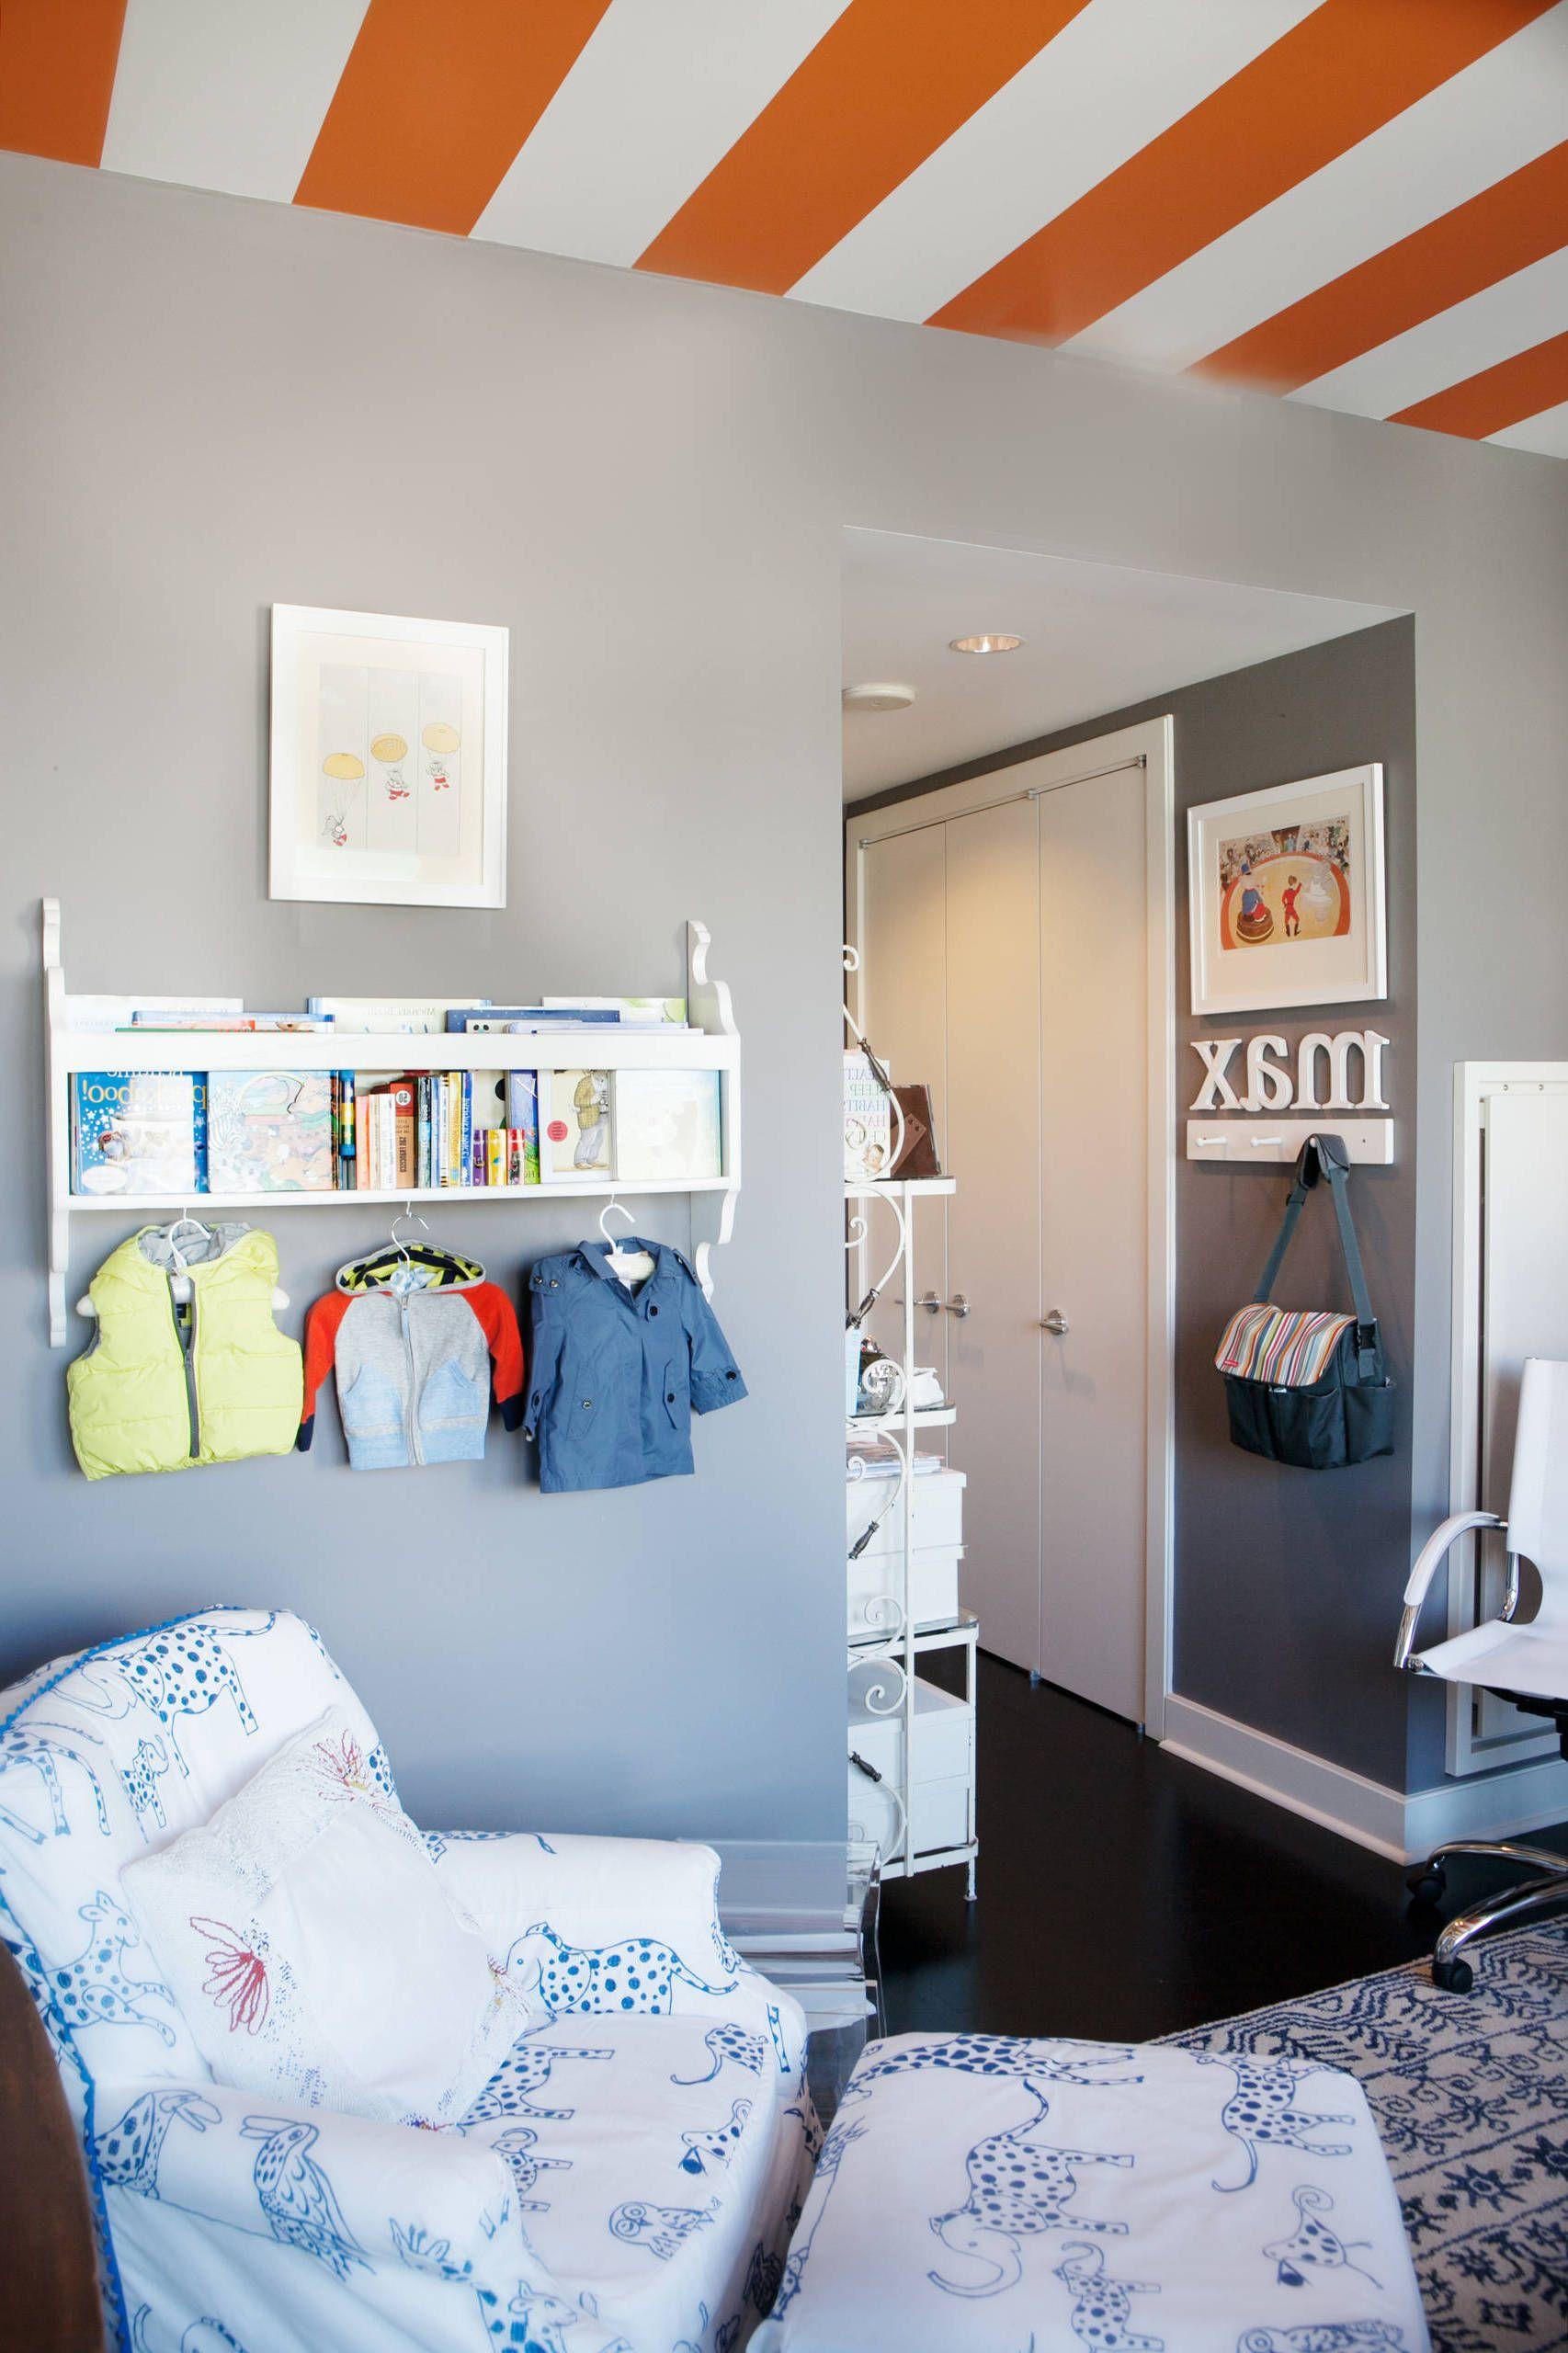 Gestalten sie ihre küche top  ideen für wandgestaltung schlafzimmer gestalten sie die